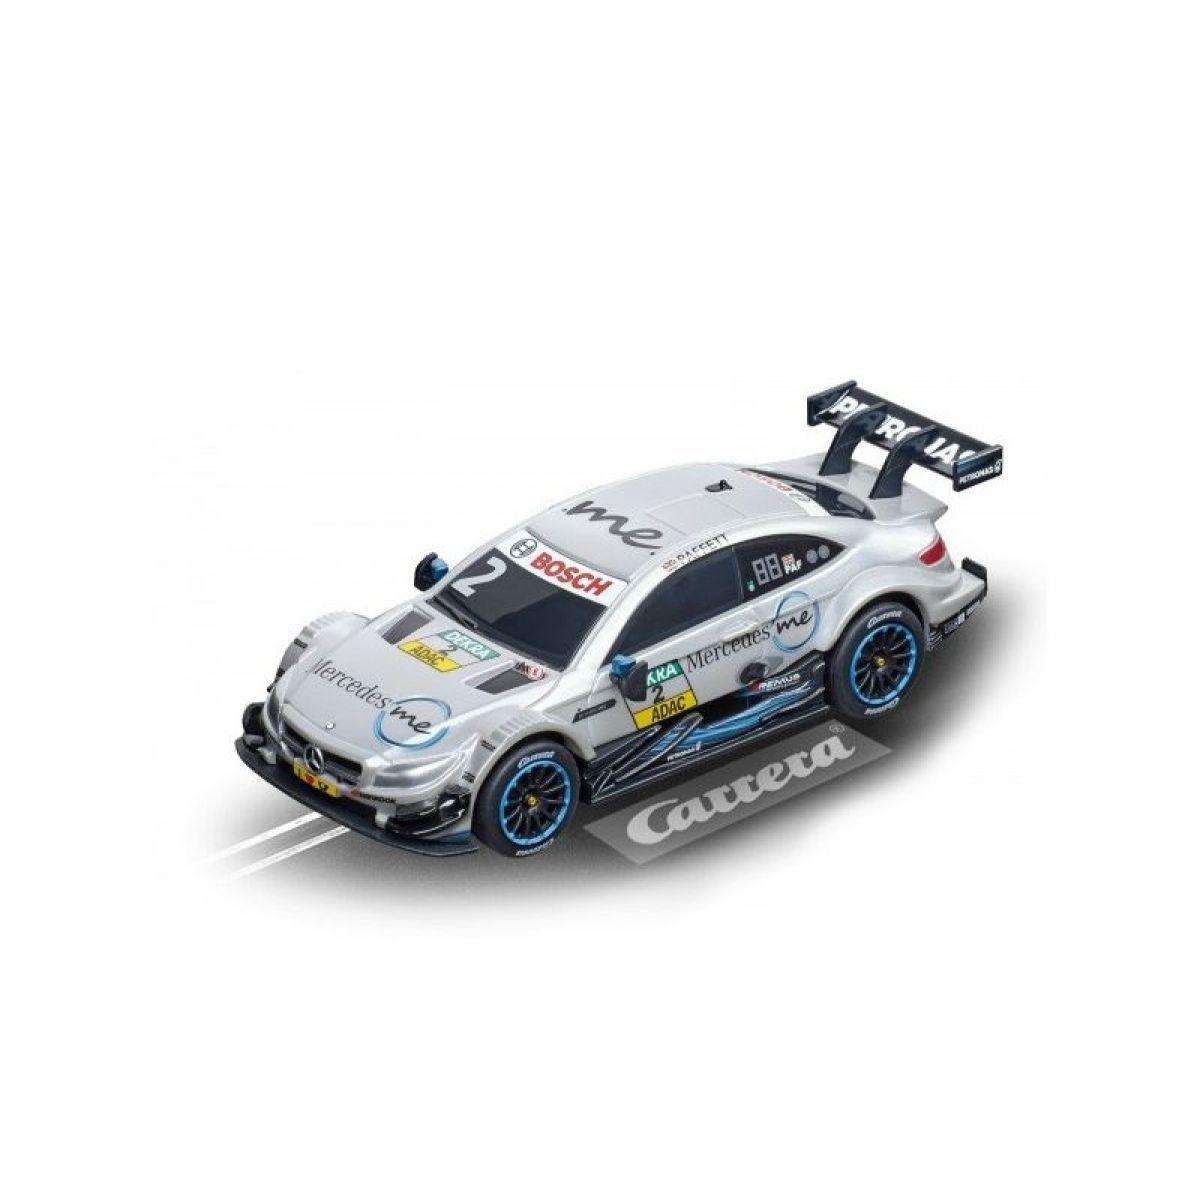 Carrera GO autíčko k autodráze 64110 Mercedes-AMG C 63 DTM